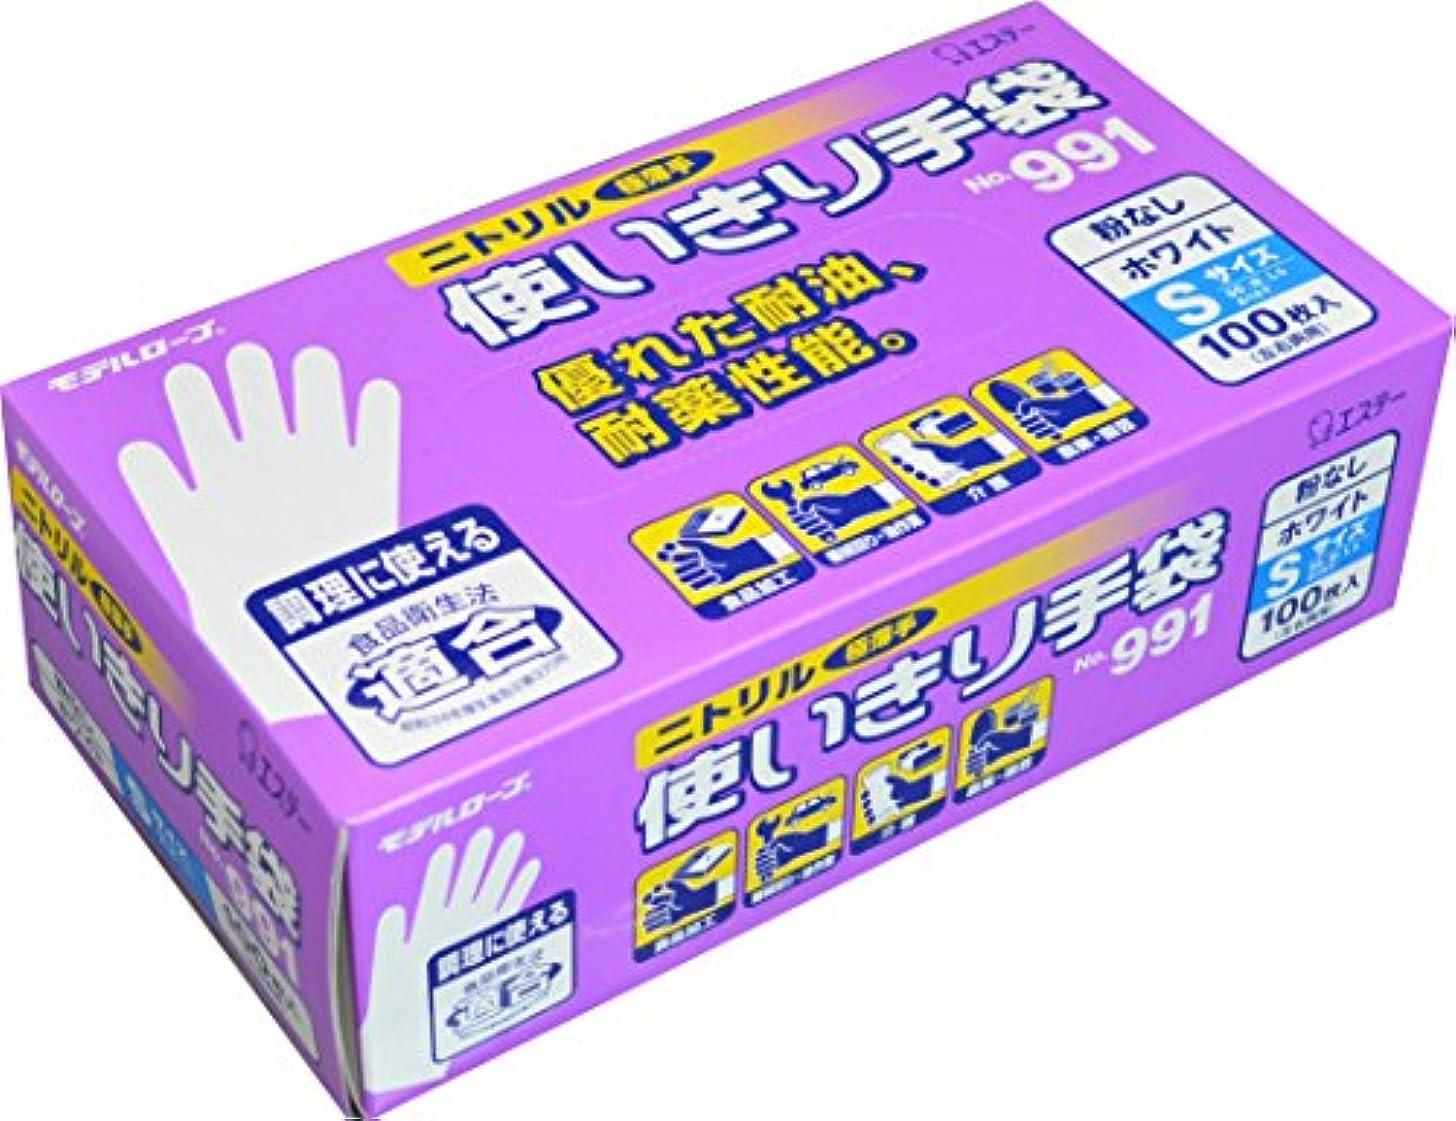 蒸カウボーイ証書モデルローブ NO991 ニトリル使い切り手袋 100枚 ホワイト S